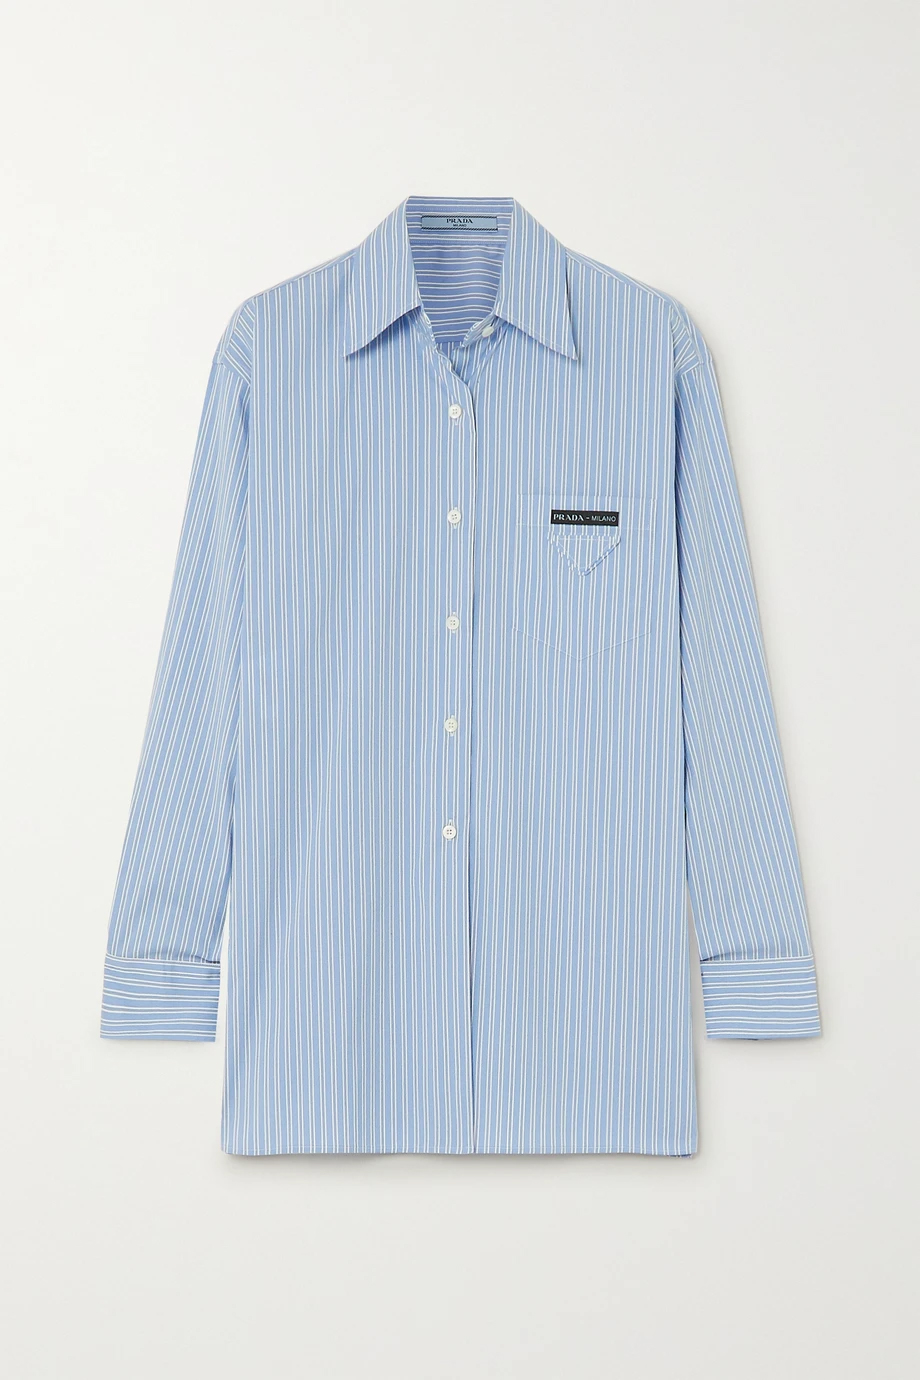 Prada oversized košulja 2021.